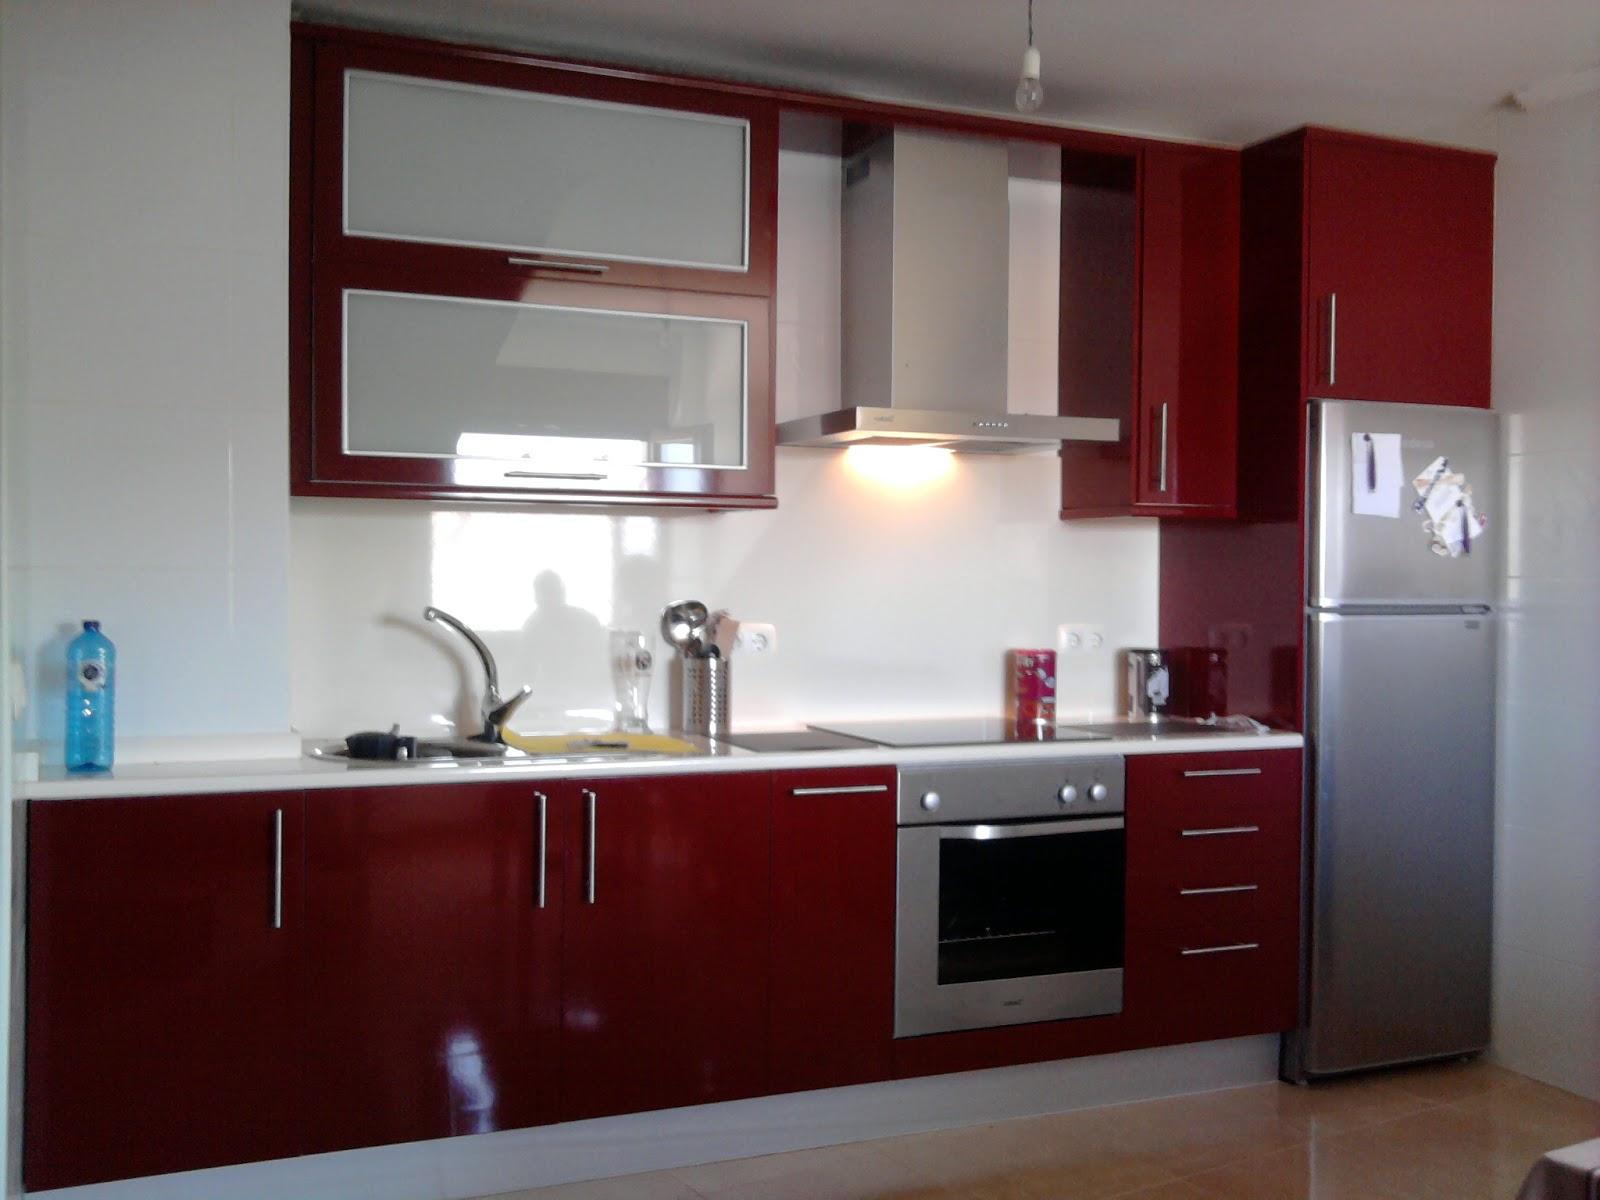 sfc muebles sostenibles y creativos cocinas ForCocinas Color Granate